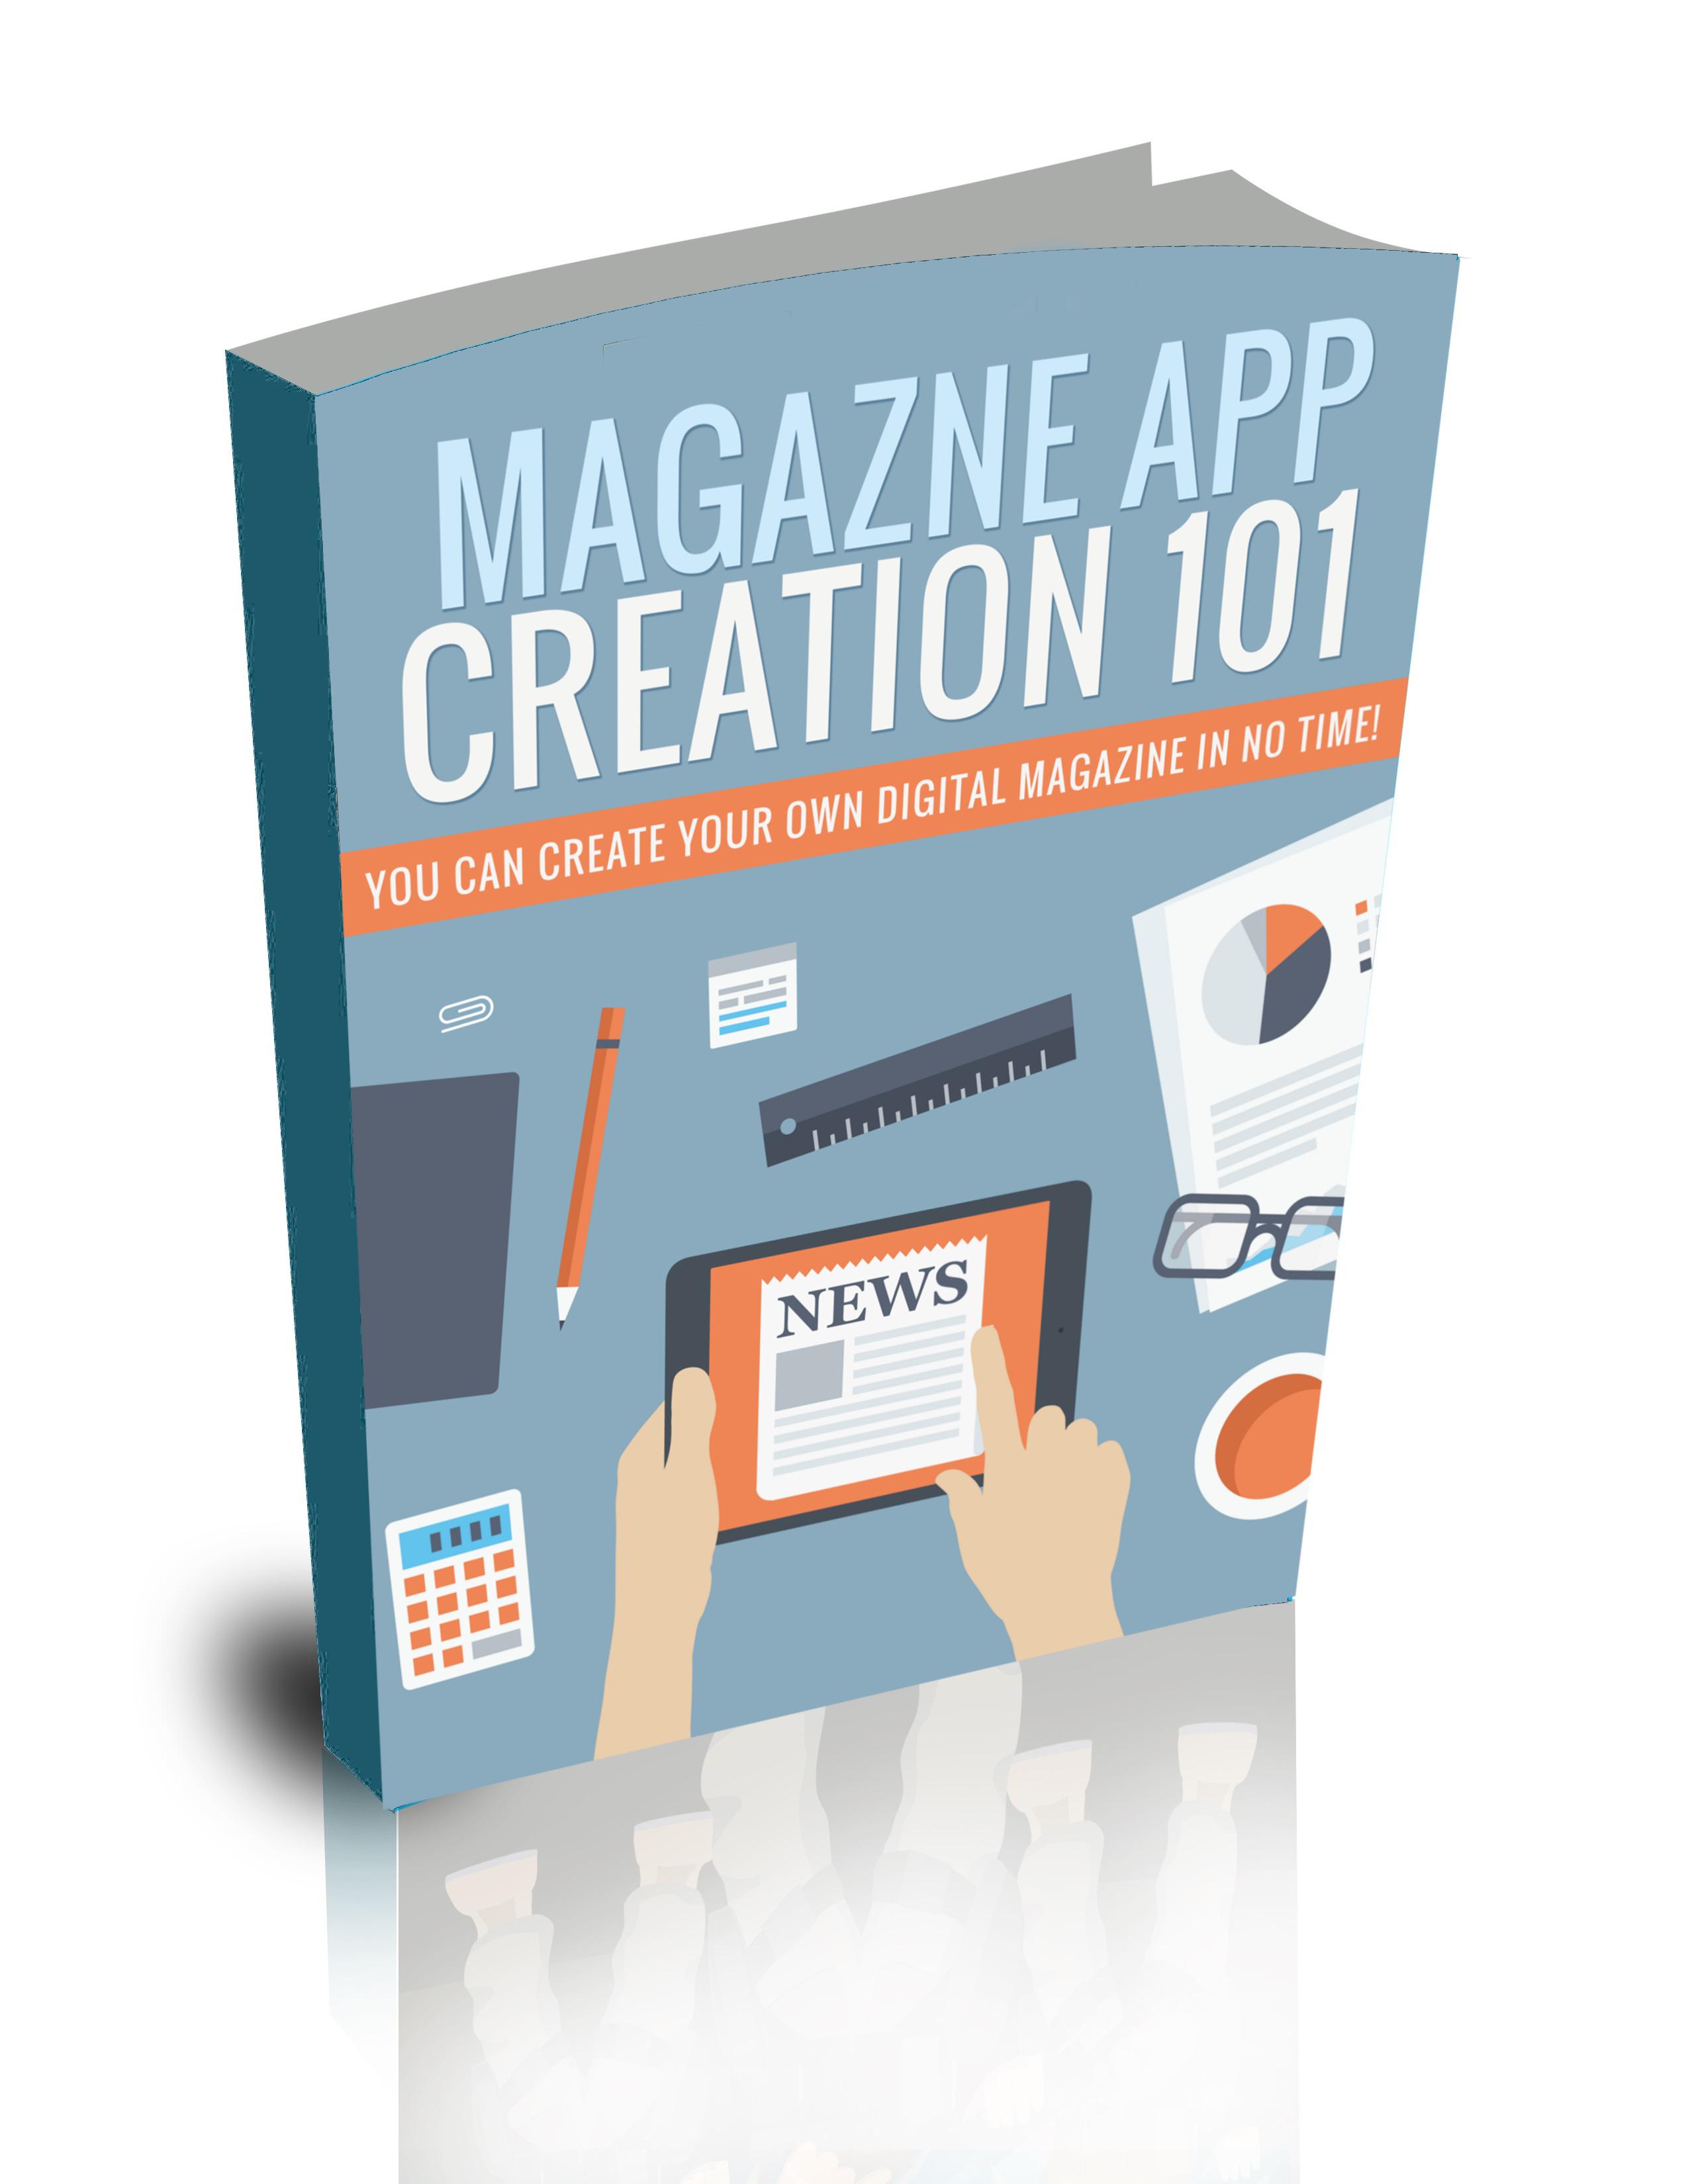 MagazineAppCreation